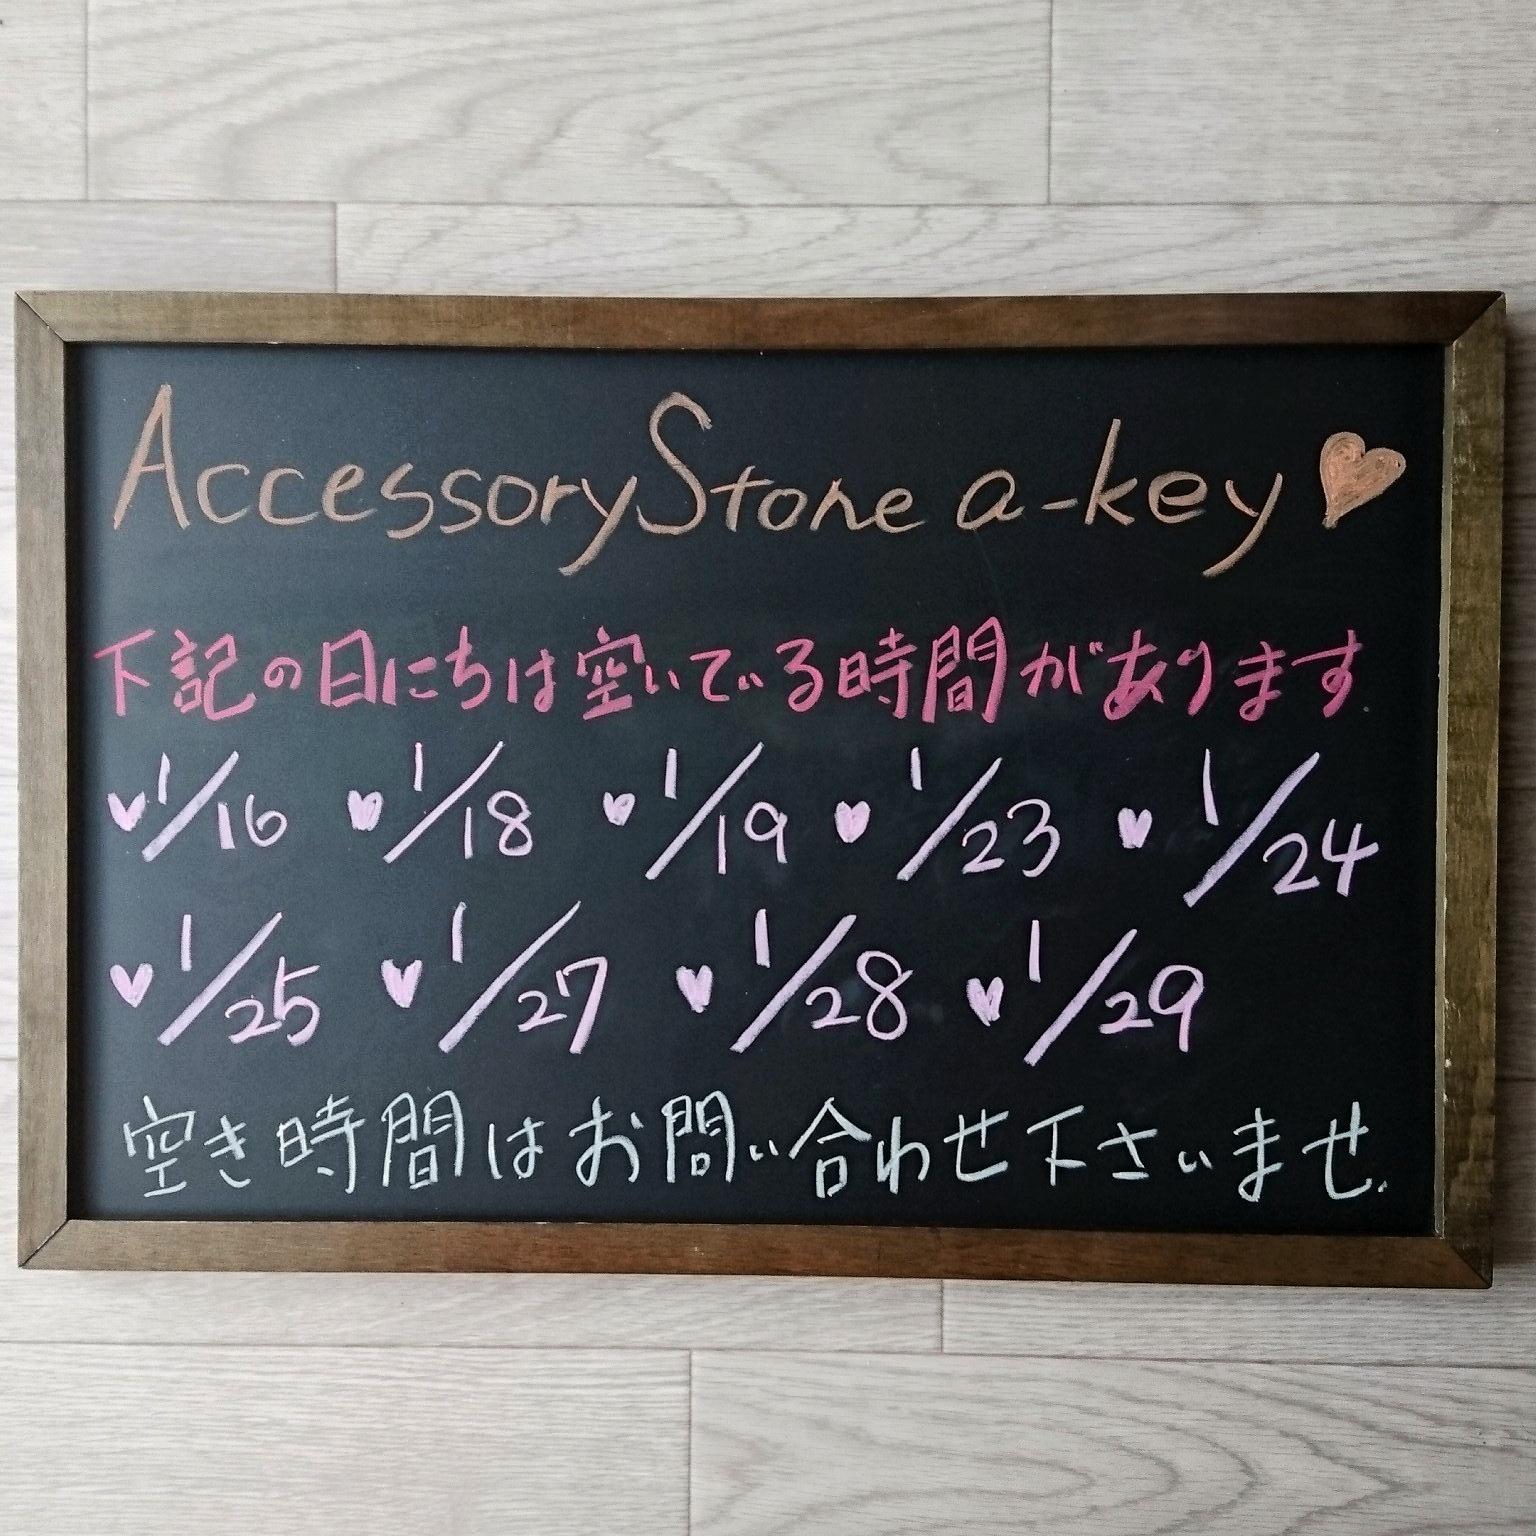 a-keyサロンの空き状況です